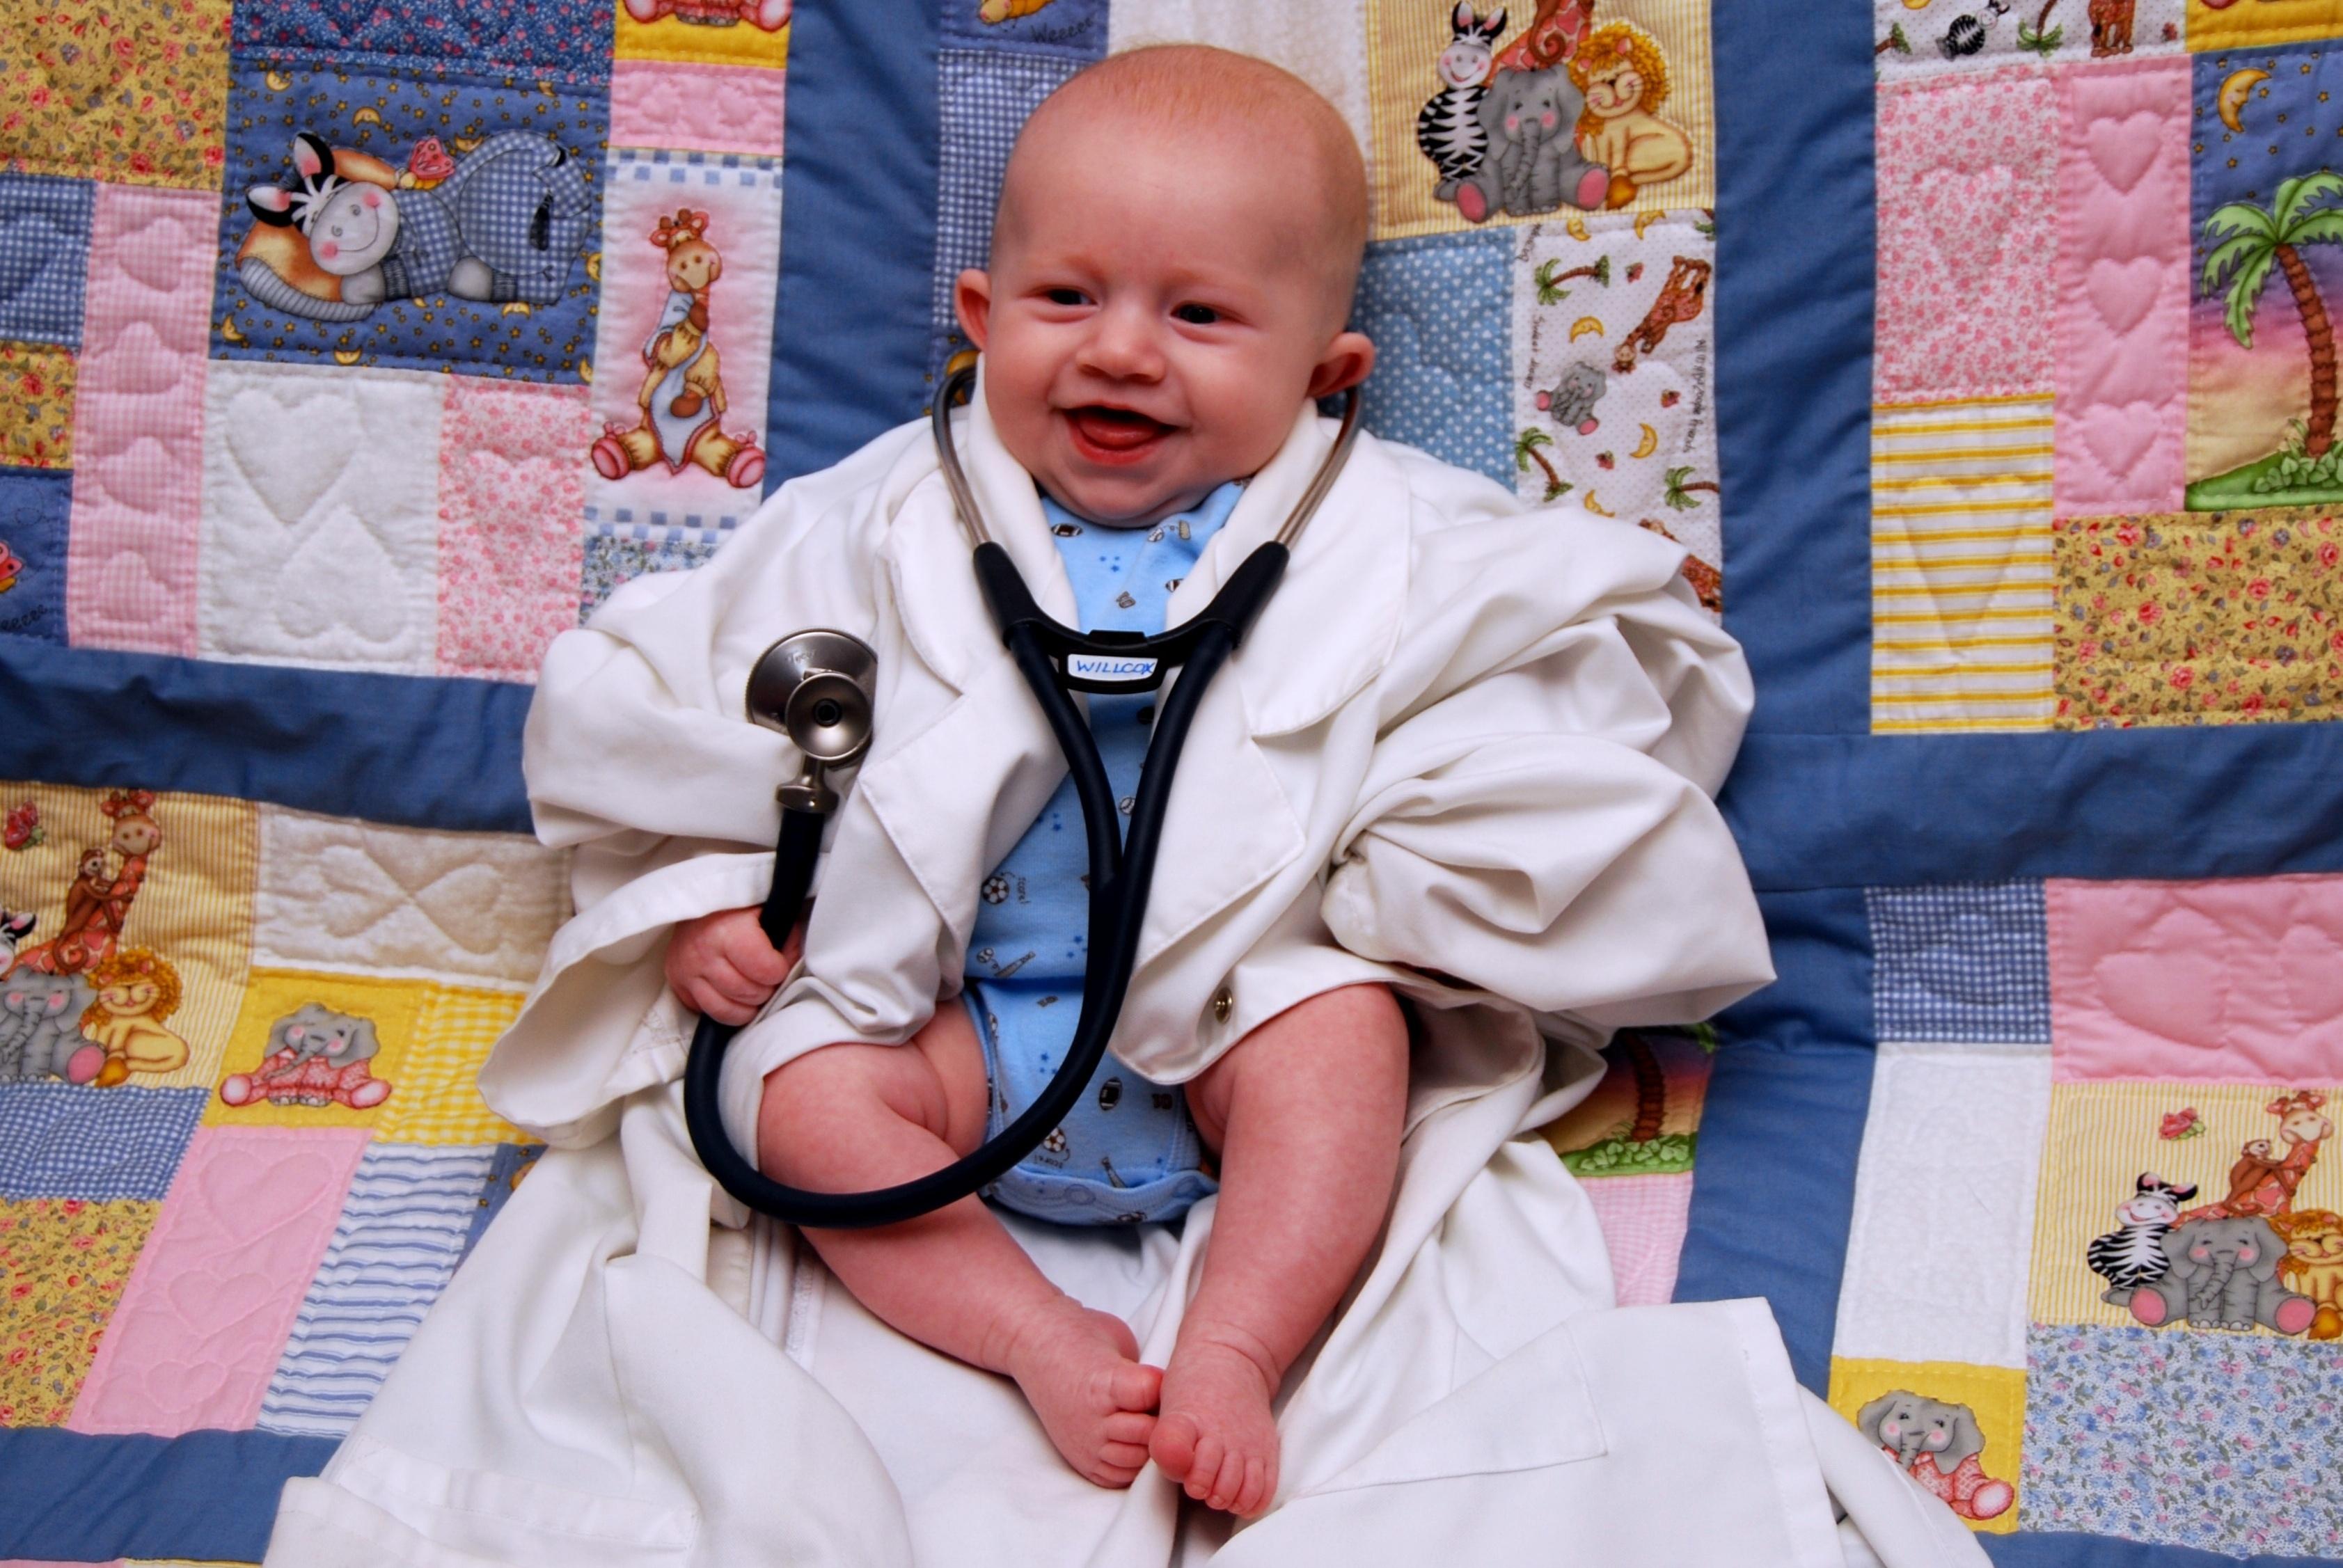 44b2e412f20074af714d_baby_doctor.JPG